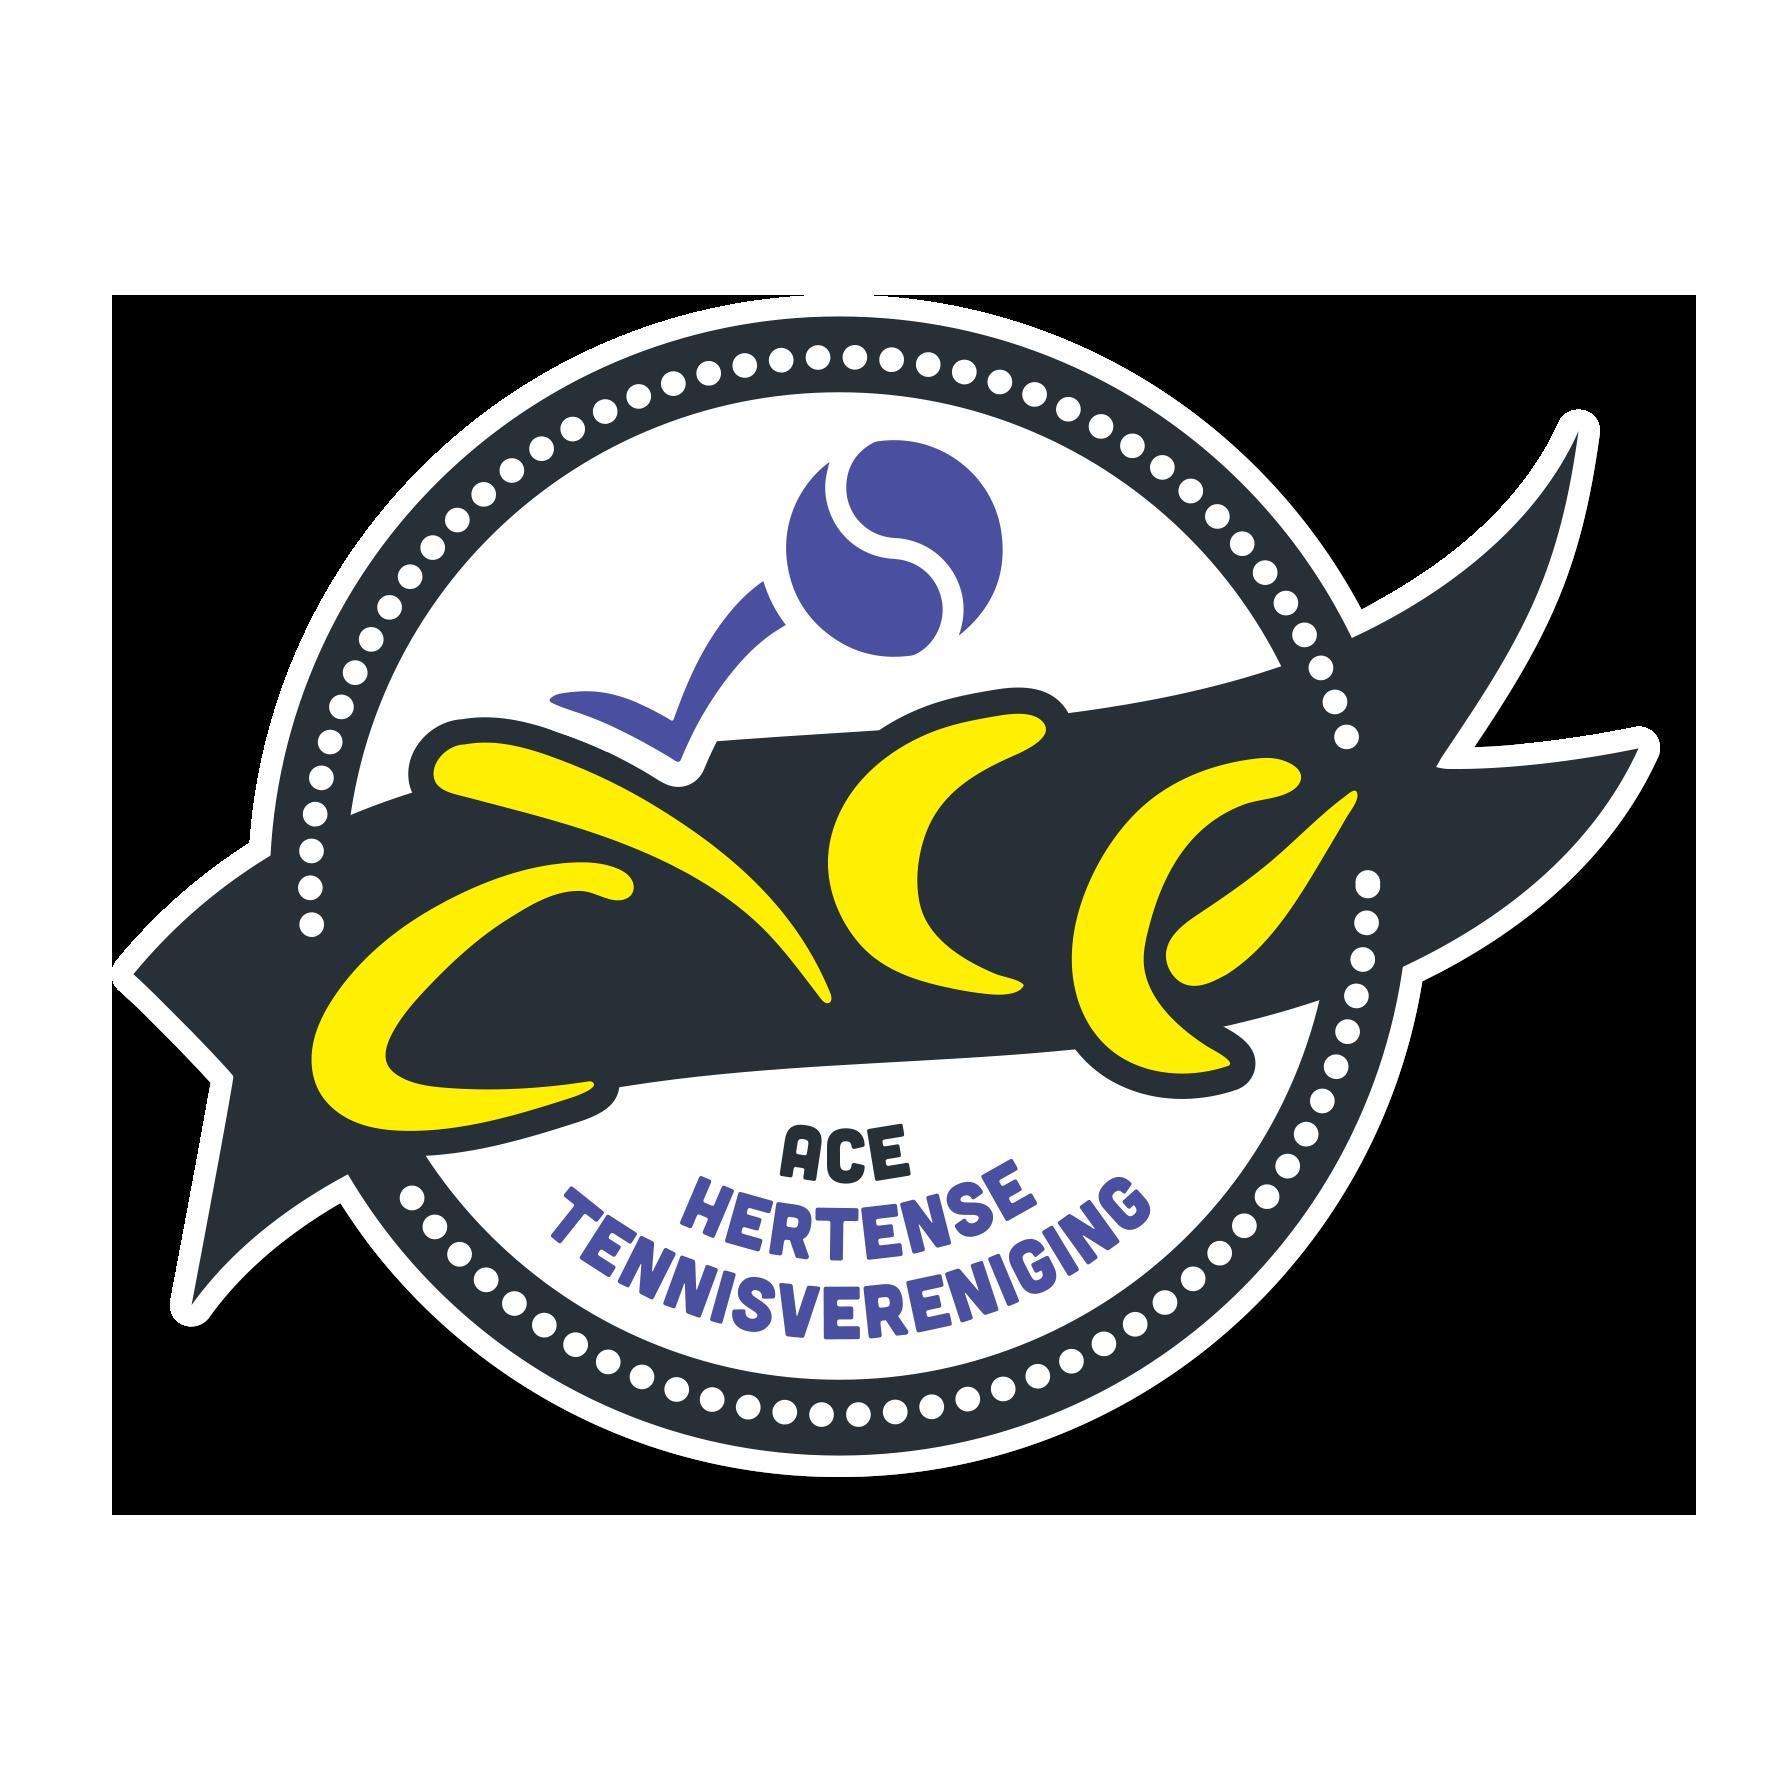 H.T.V. Ace